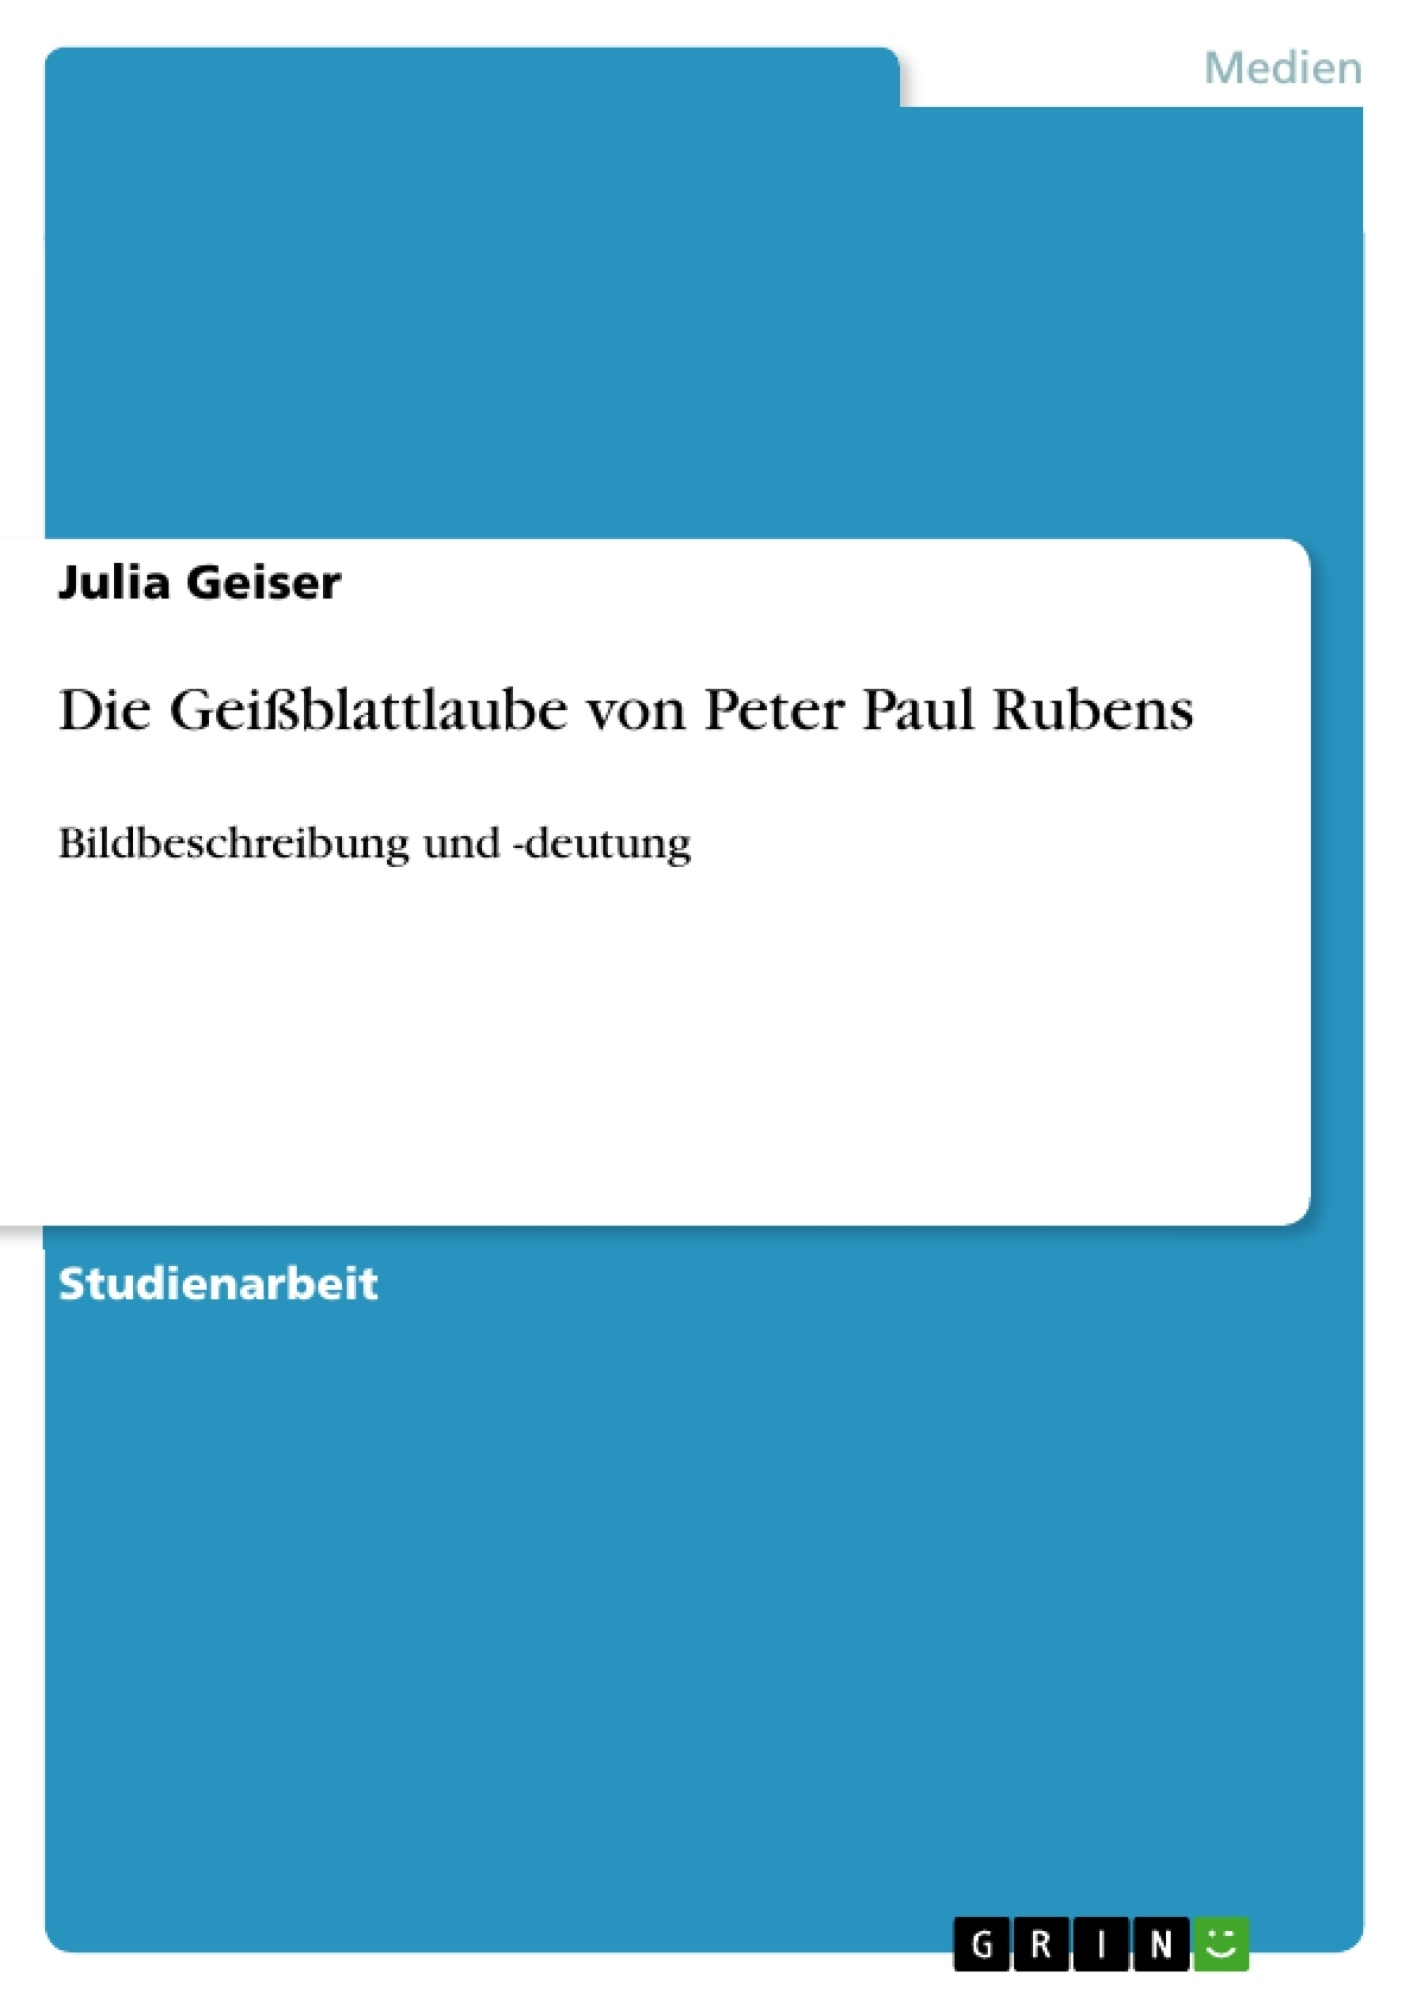 Titel: Die Geißblattlaube von Peter Paul Rubens